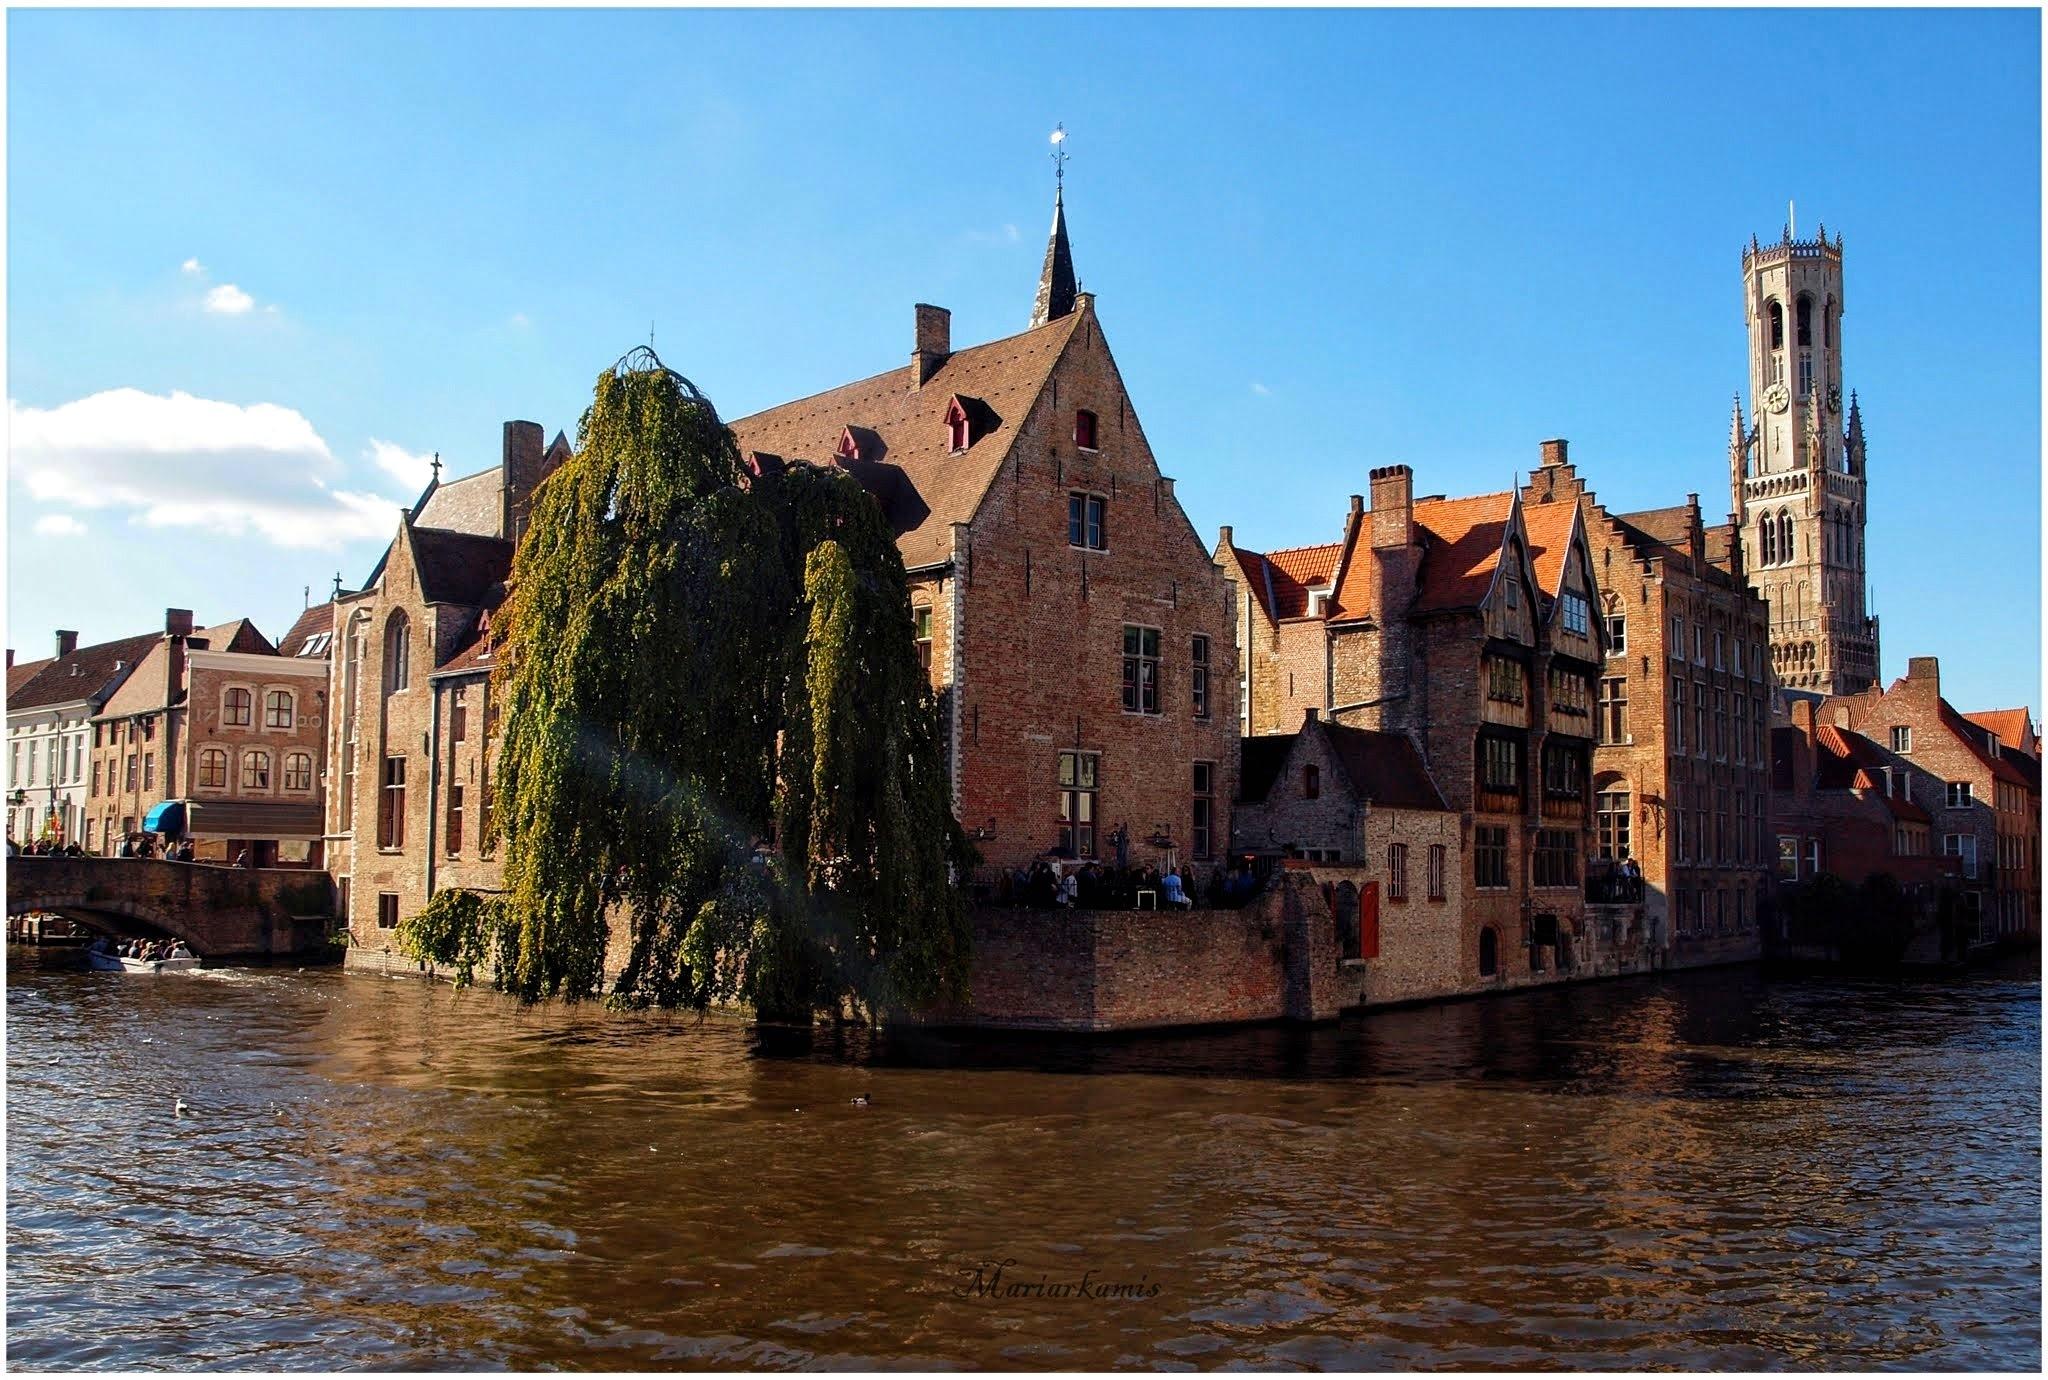 Muelles330-01 4 días en Gante y Brujas. Día 3: Visitamos Brujas Viajes